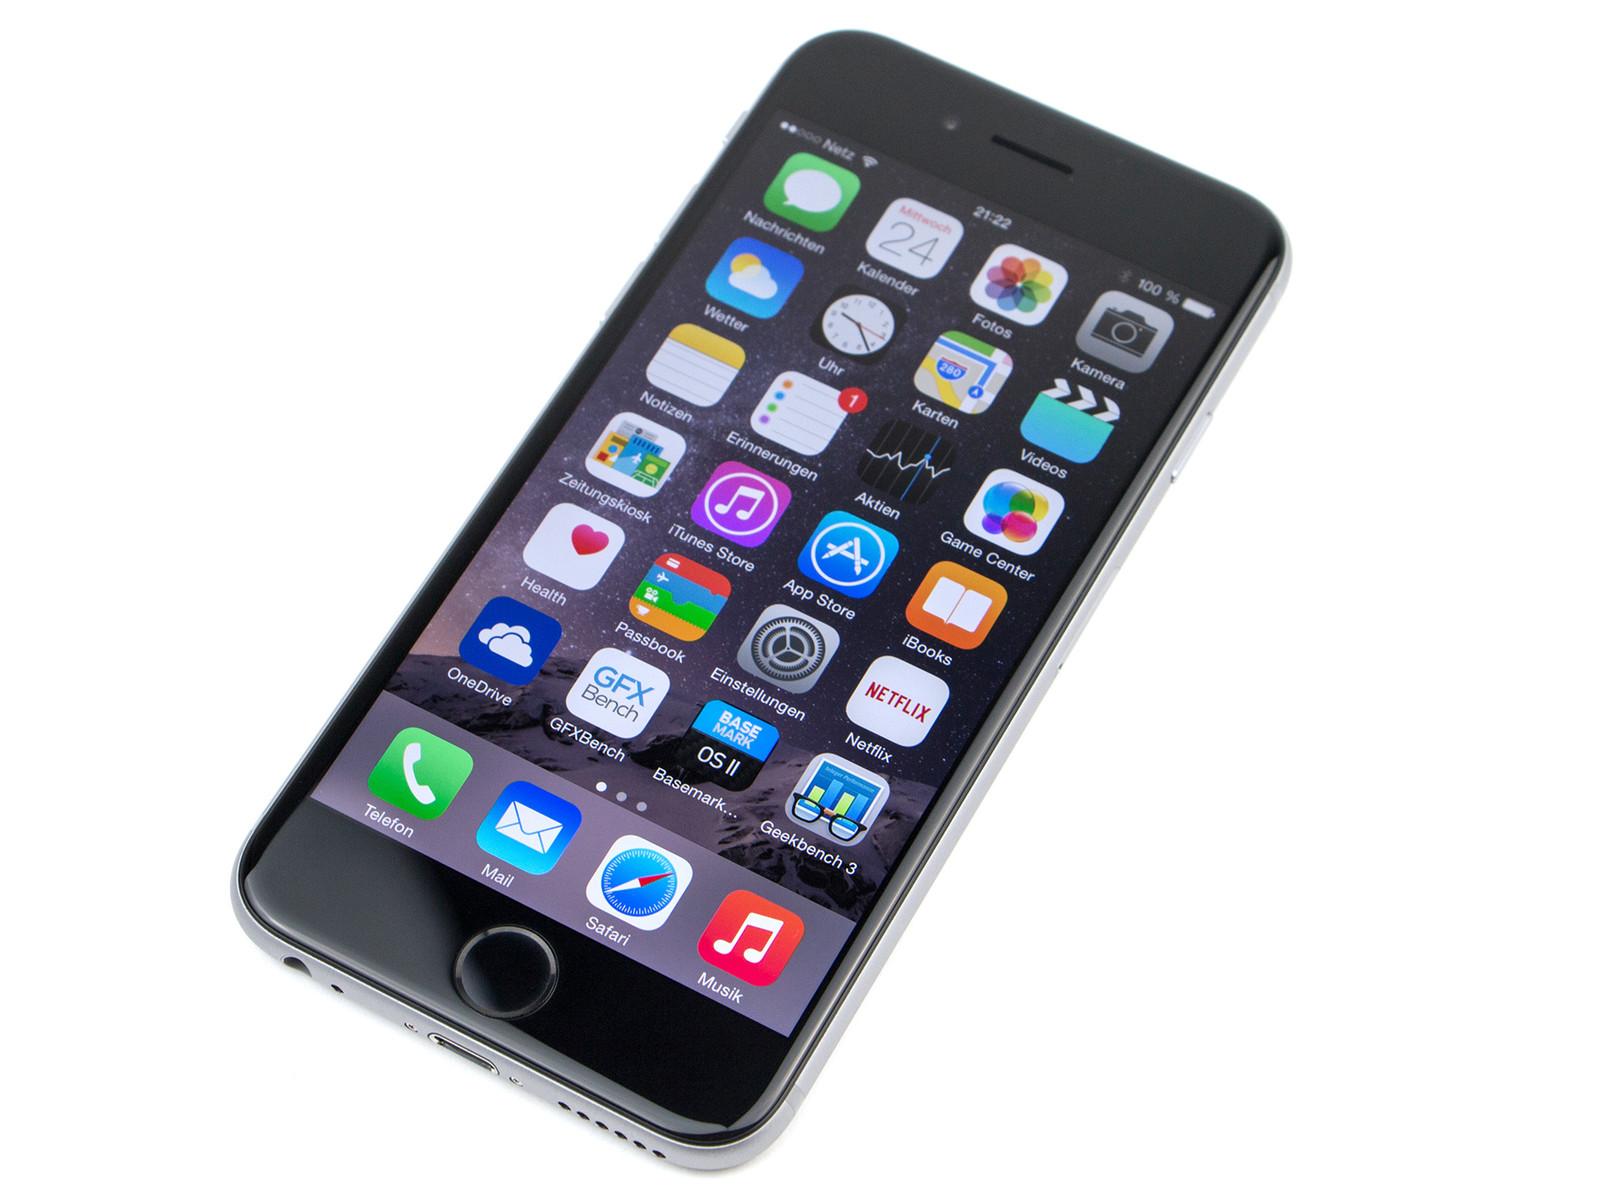 Картинка смартфона на белом фоне